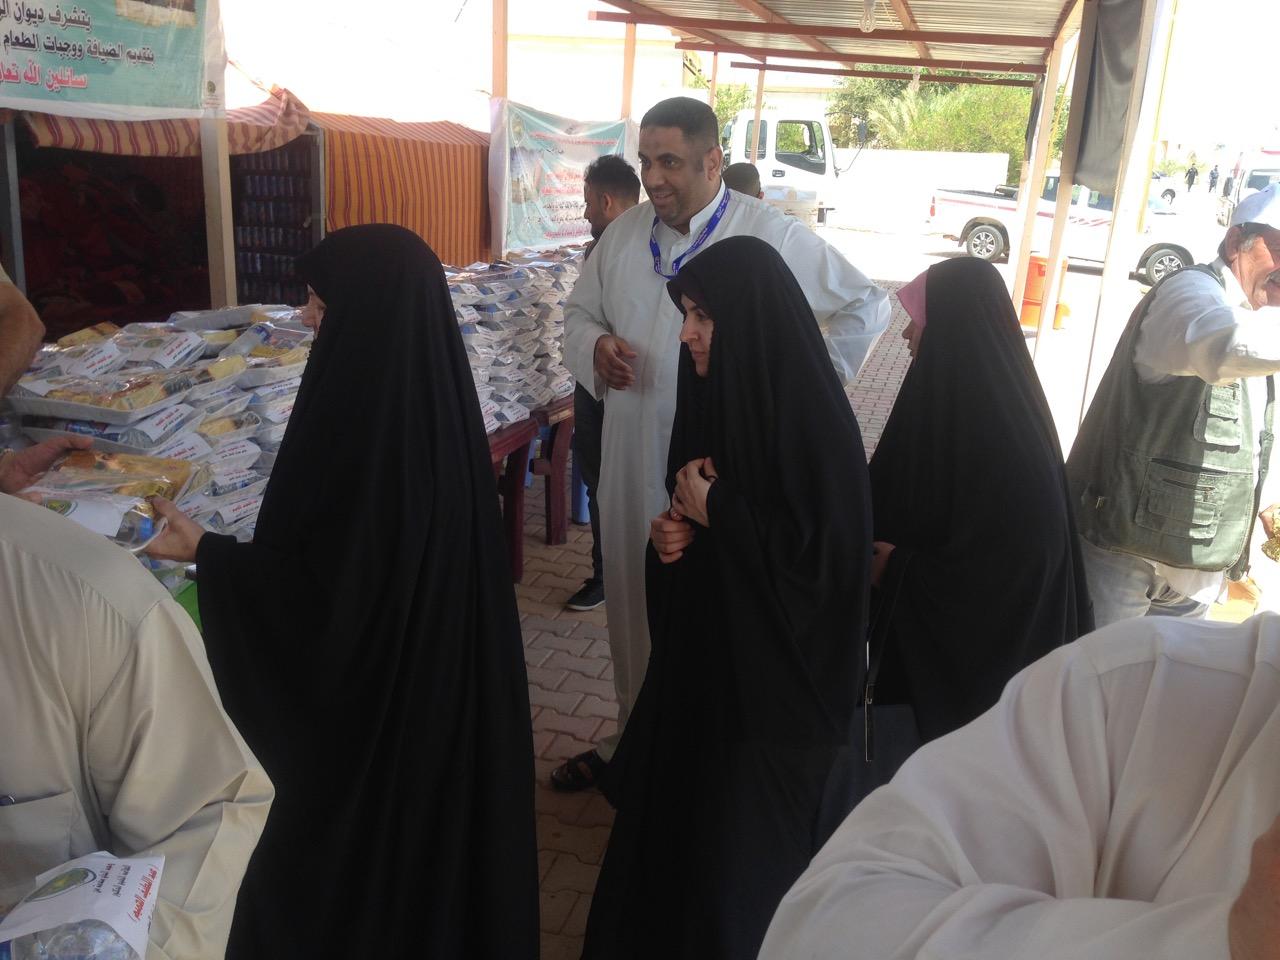 إدارة عرعر تعلن استقبال عشرات الحجاج من أهالي كربلاء المتوجهين للسعودية